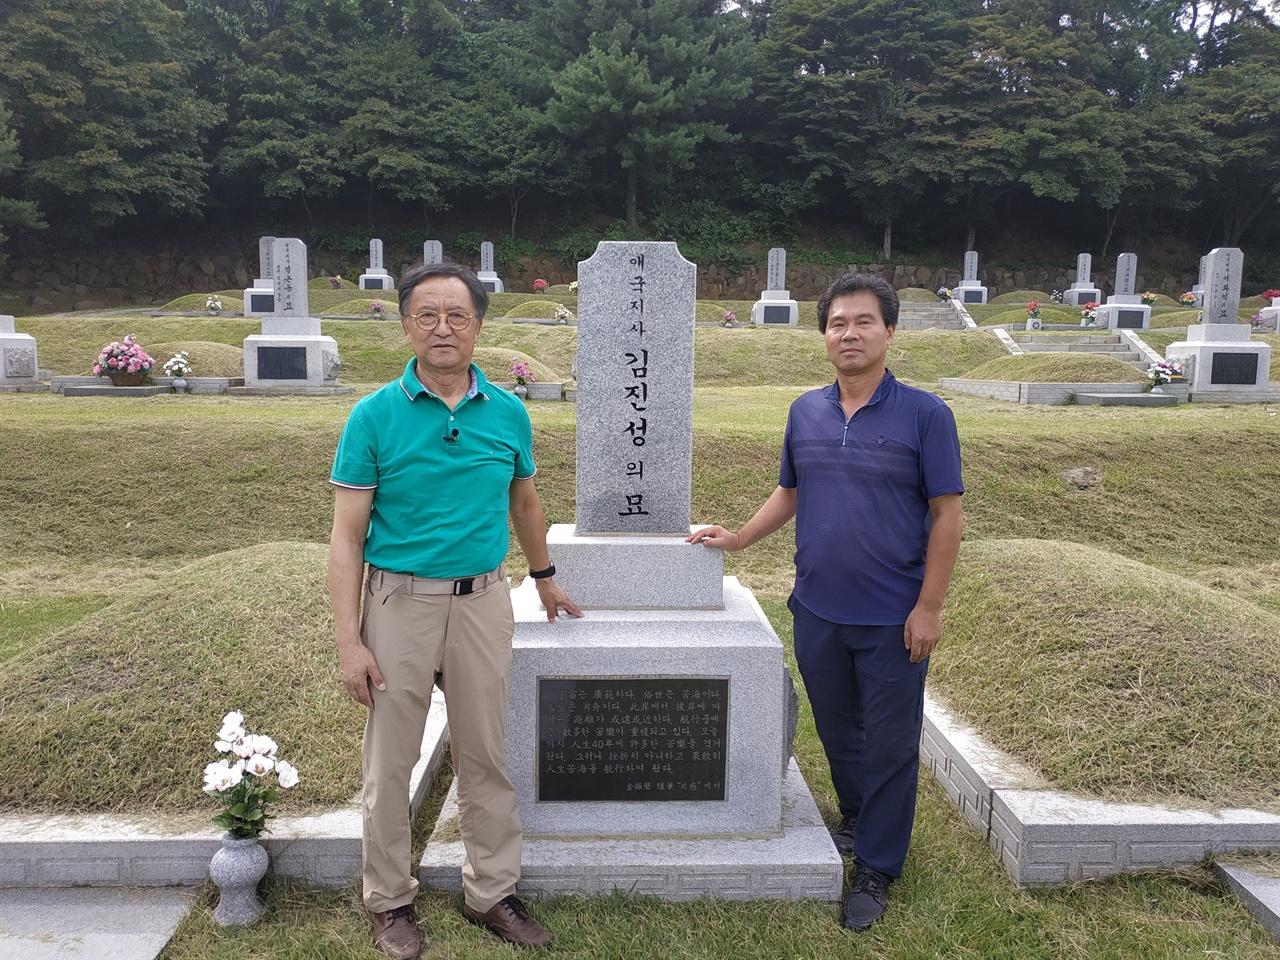 독립운동가 김진성의 묘 독립운동가 김진성의 묘 앞에선 아들 김세걸(왼쪽). 이 자리에는 1968년부터 30년간 가짜 독립운동가 김진성이 묻혀 있었다. 1998년 하얼빈에서 진짜 독립운동가 김진성의 유해를 모셔와 안장했다.